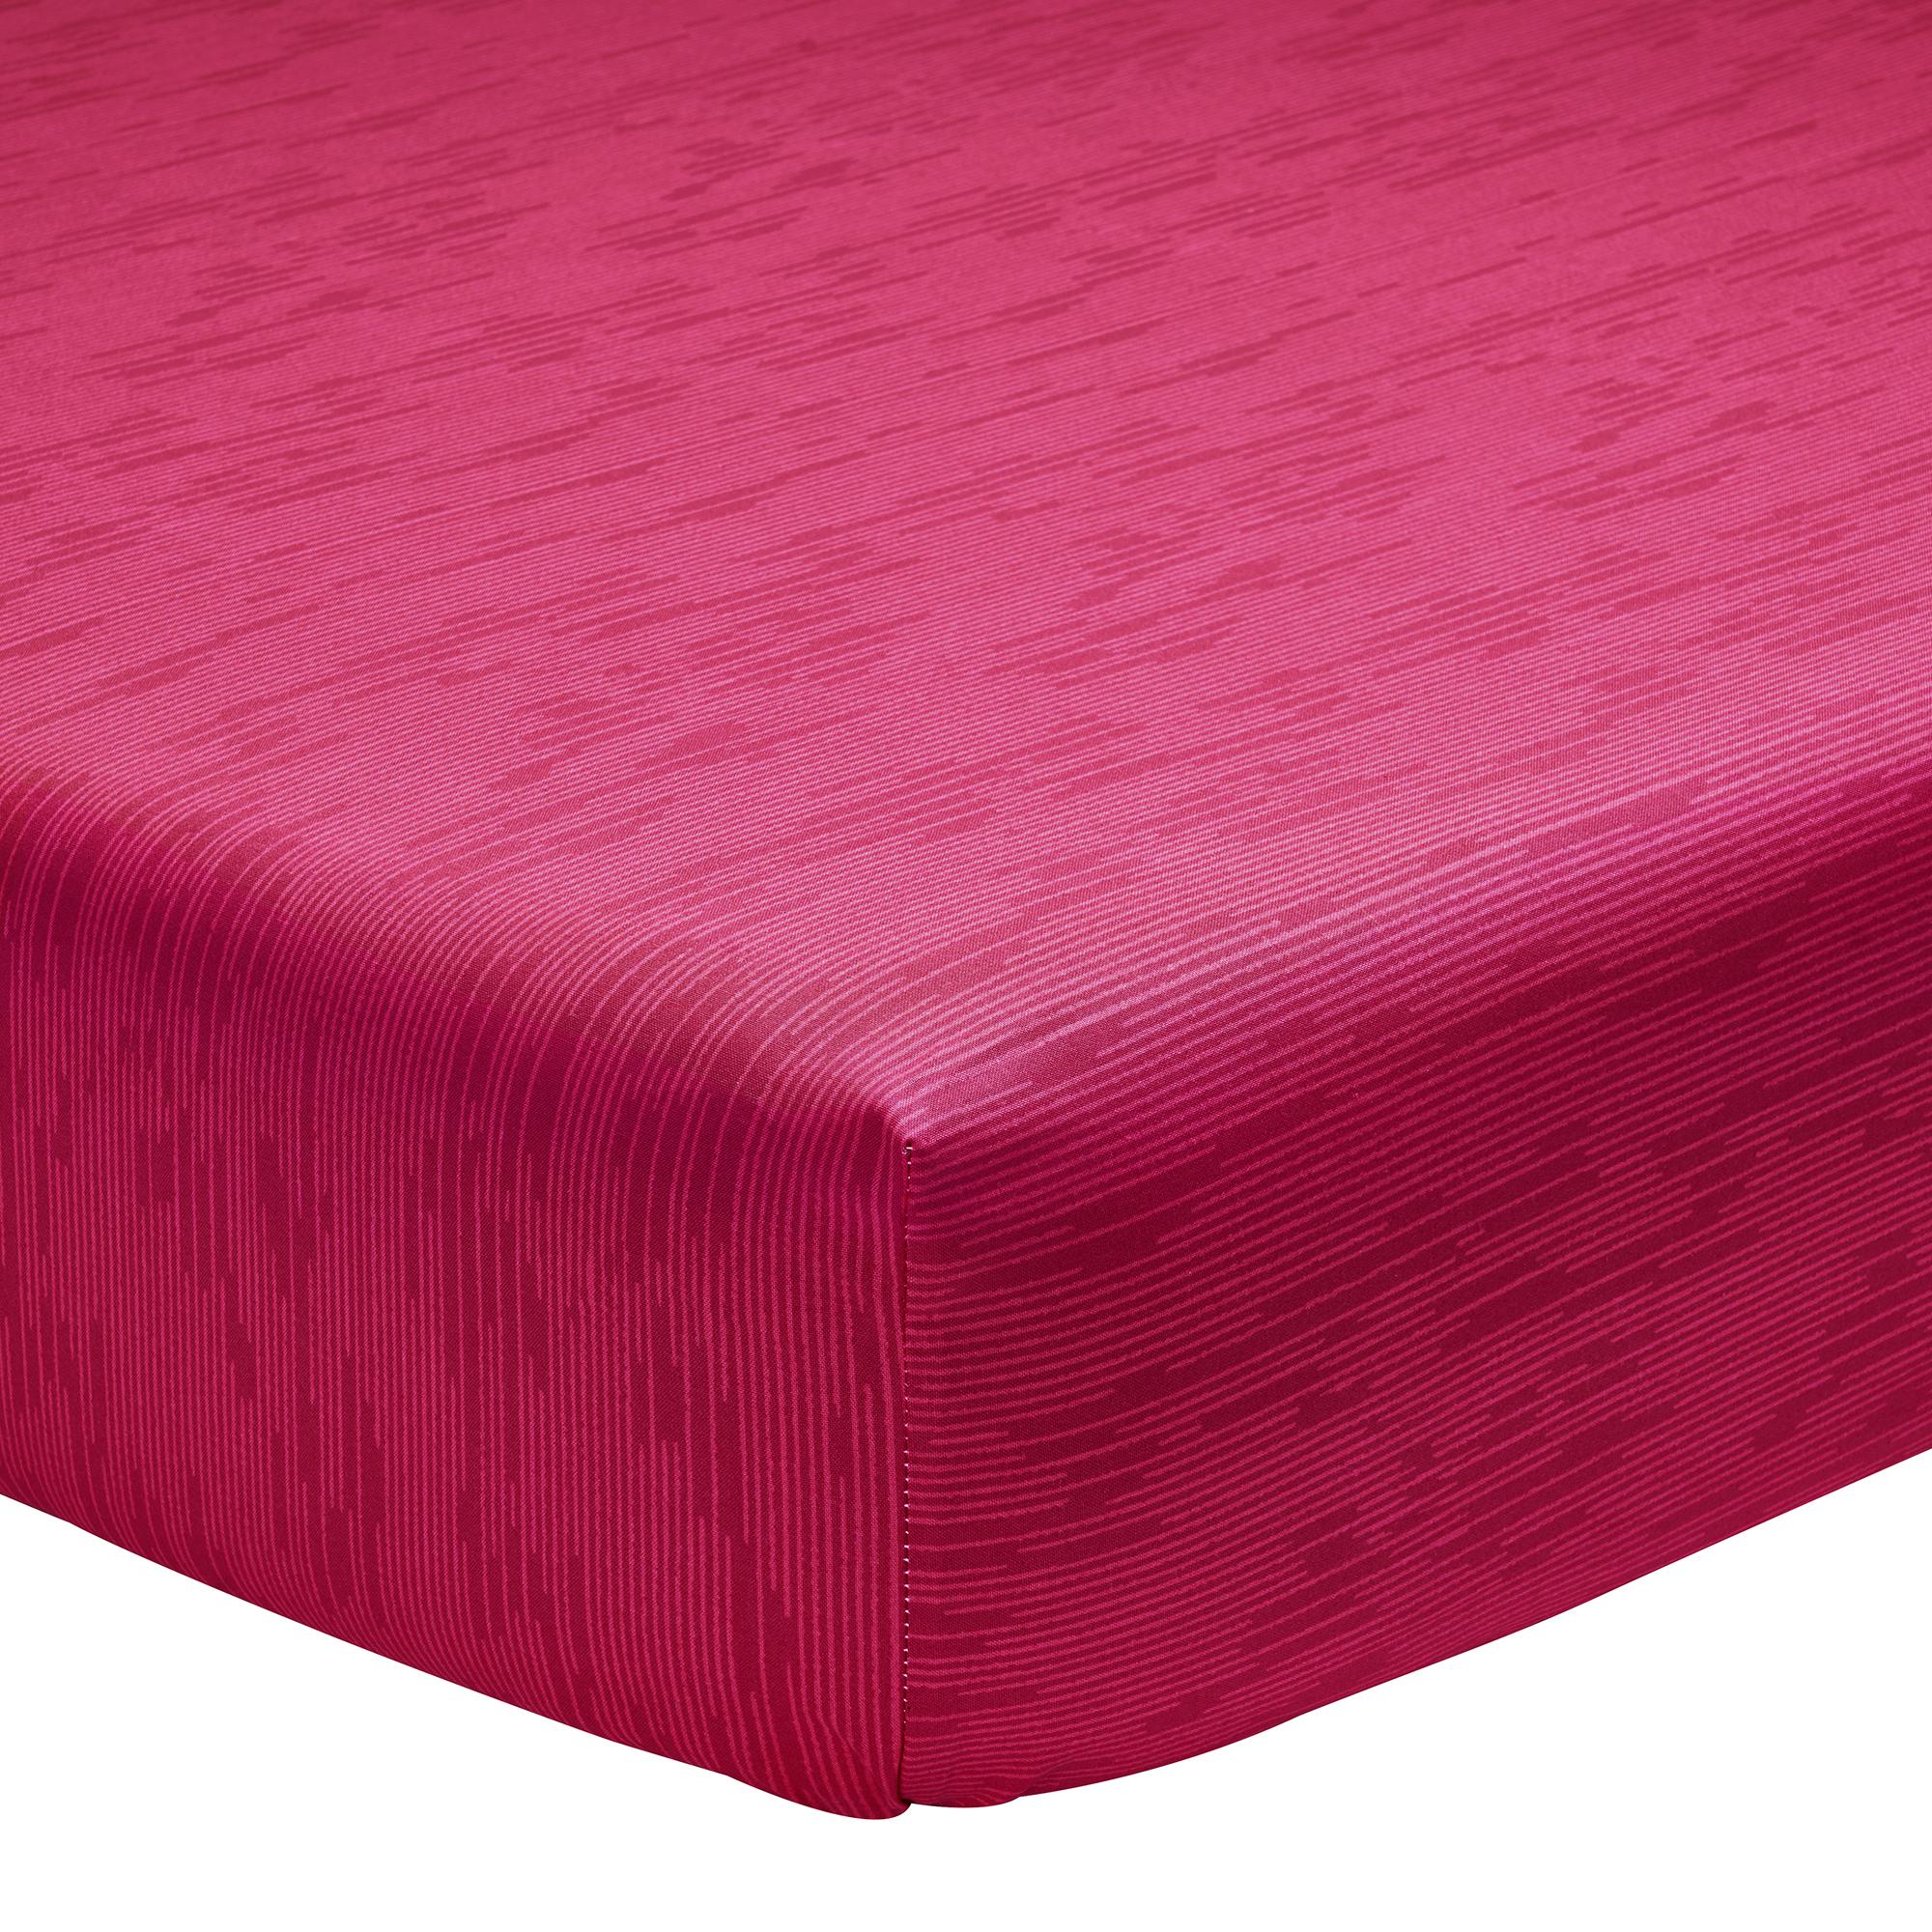 Drap housse imprimé en lyocell rouge 90x190